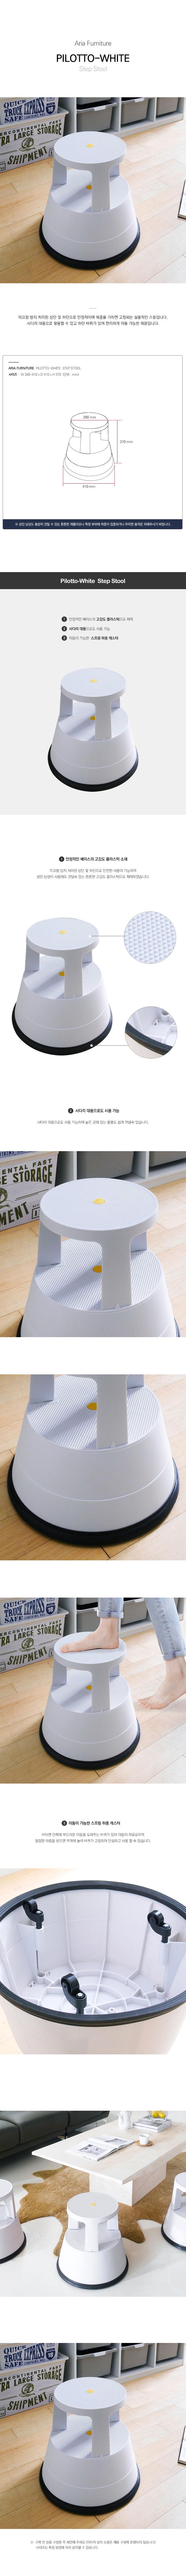 6_18_Pilotto-White-Step-Stool.jpg